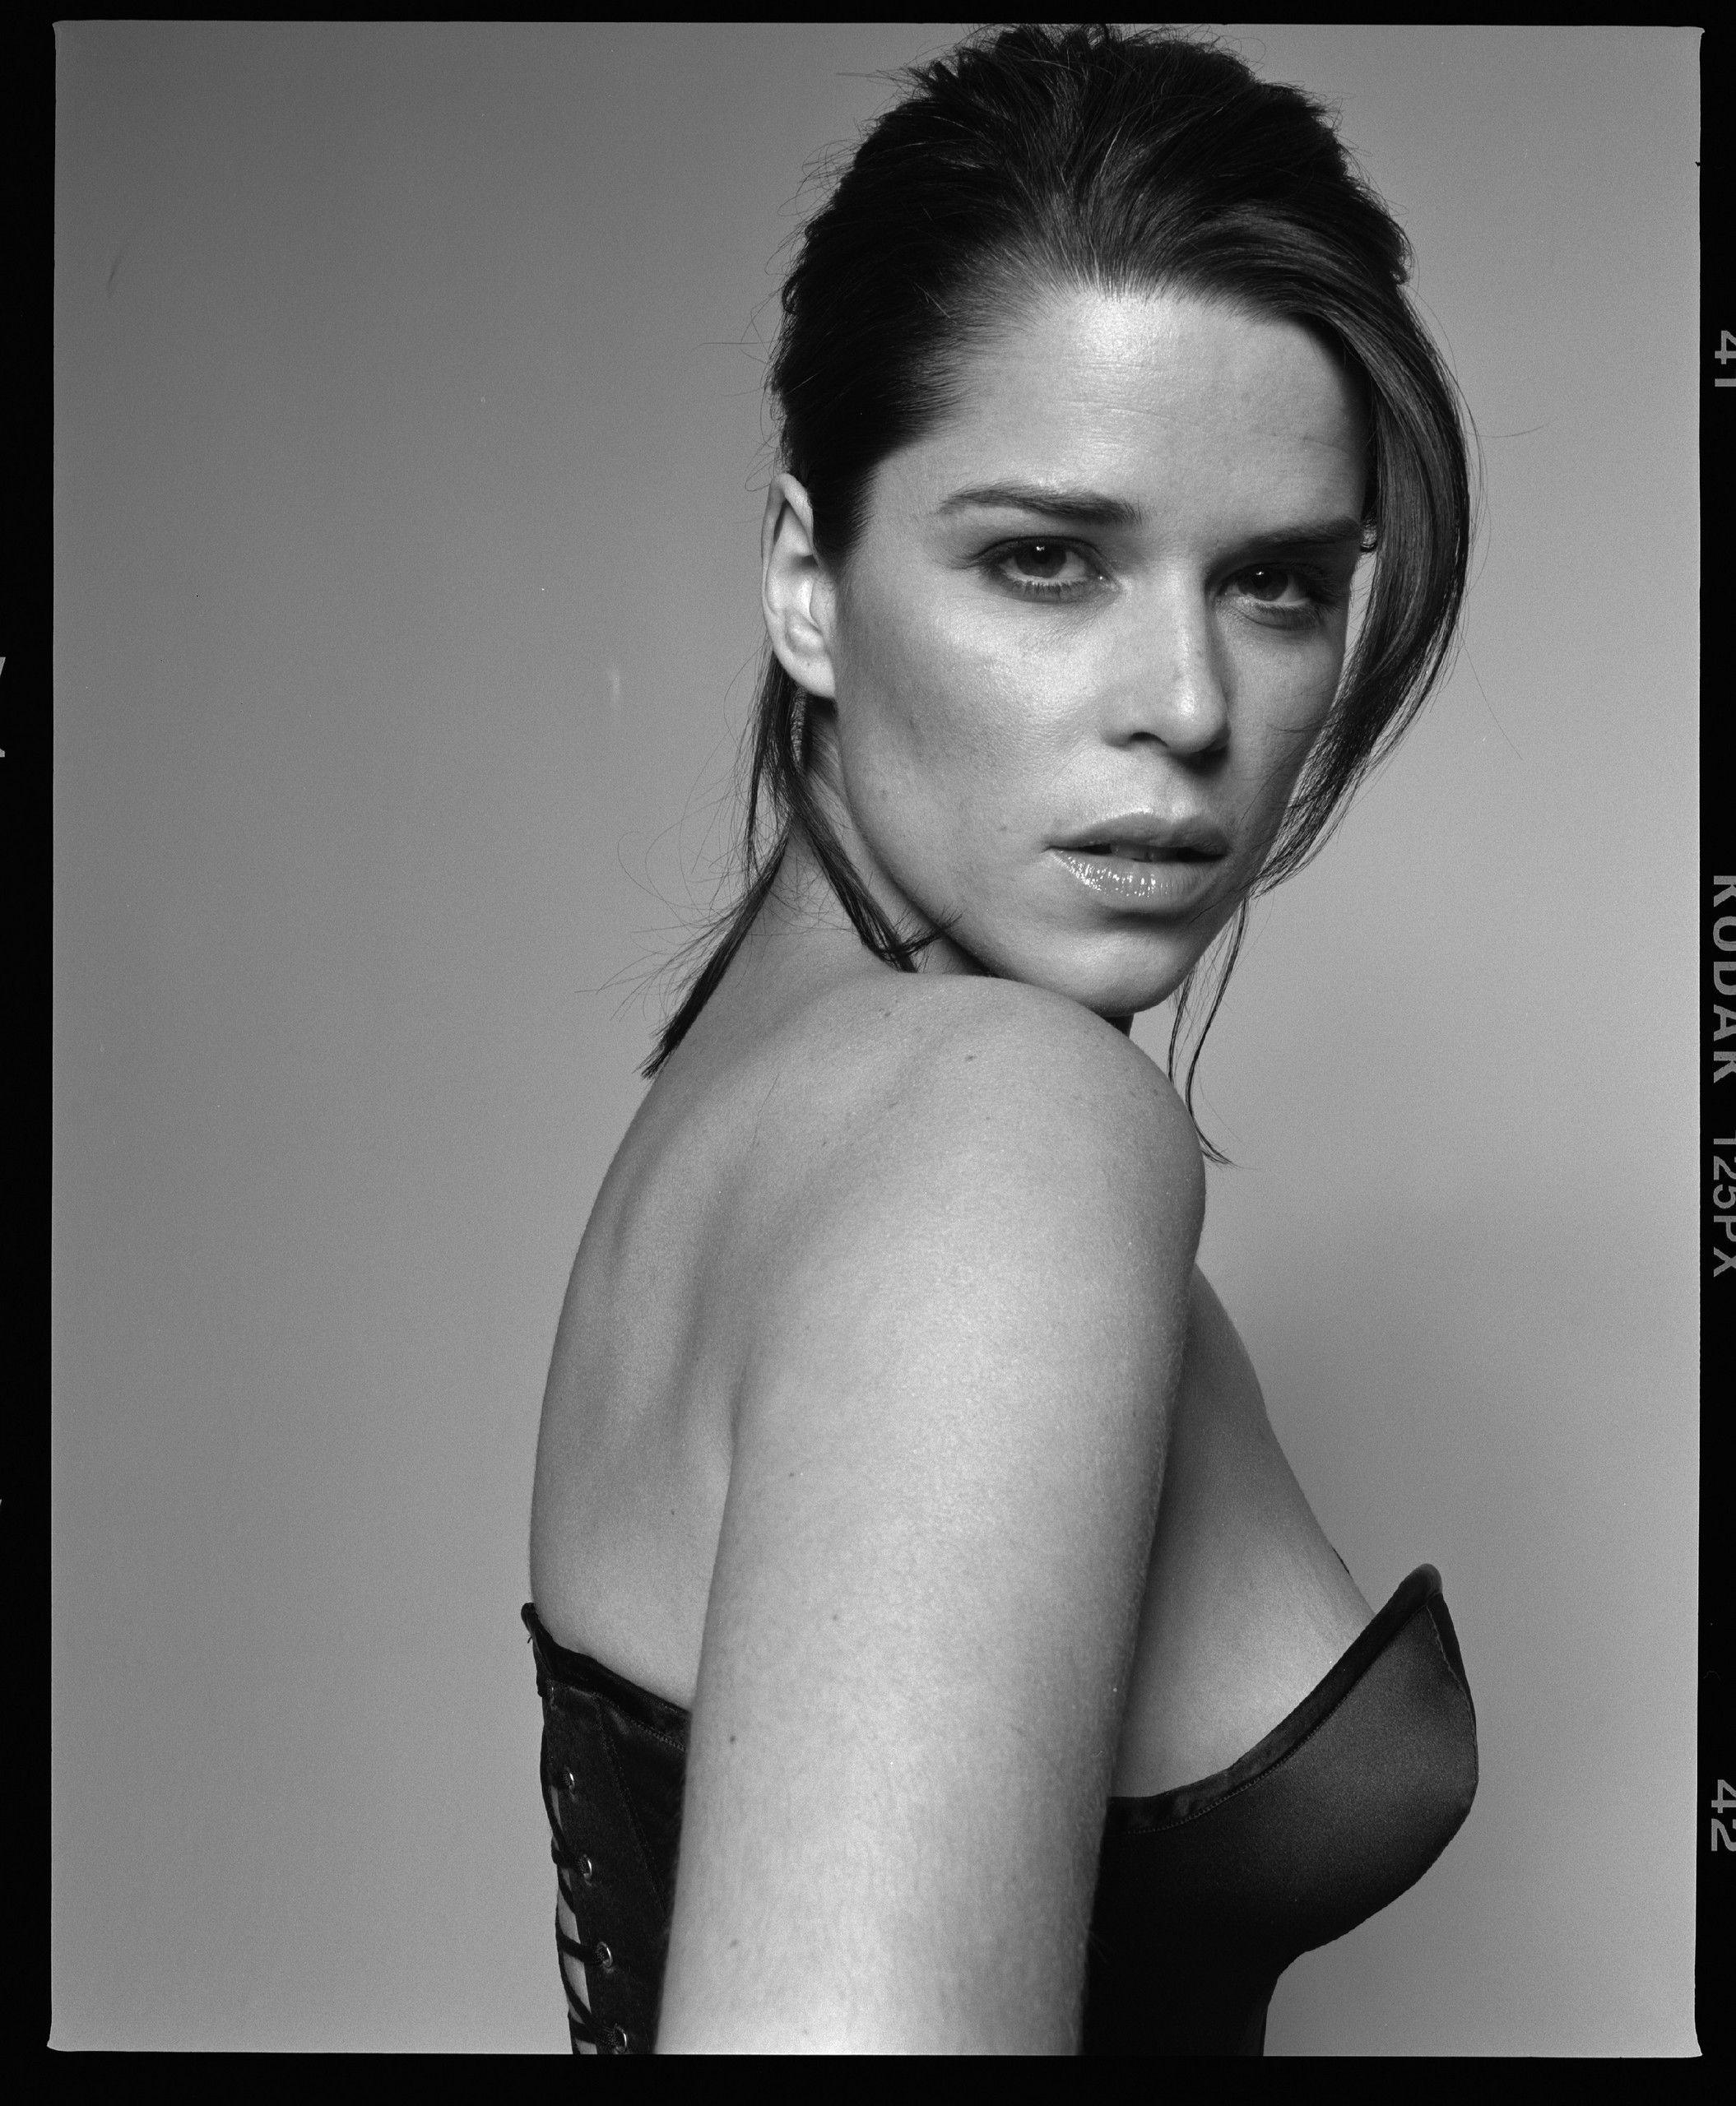 Nacktfotos von Neve Campbell im Internet - Mediamass